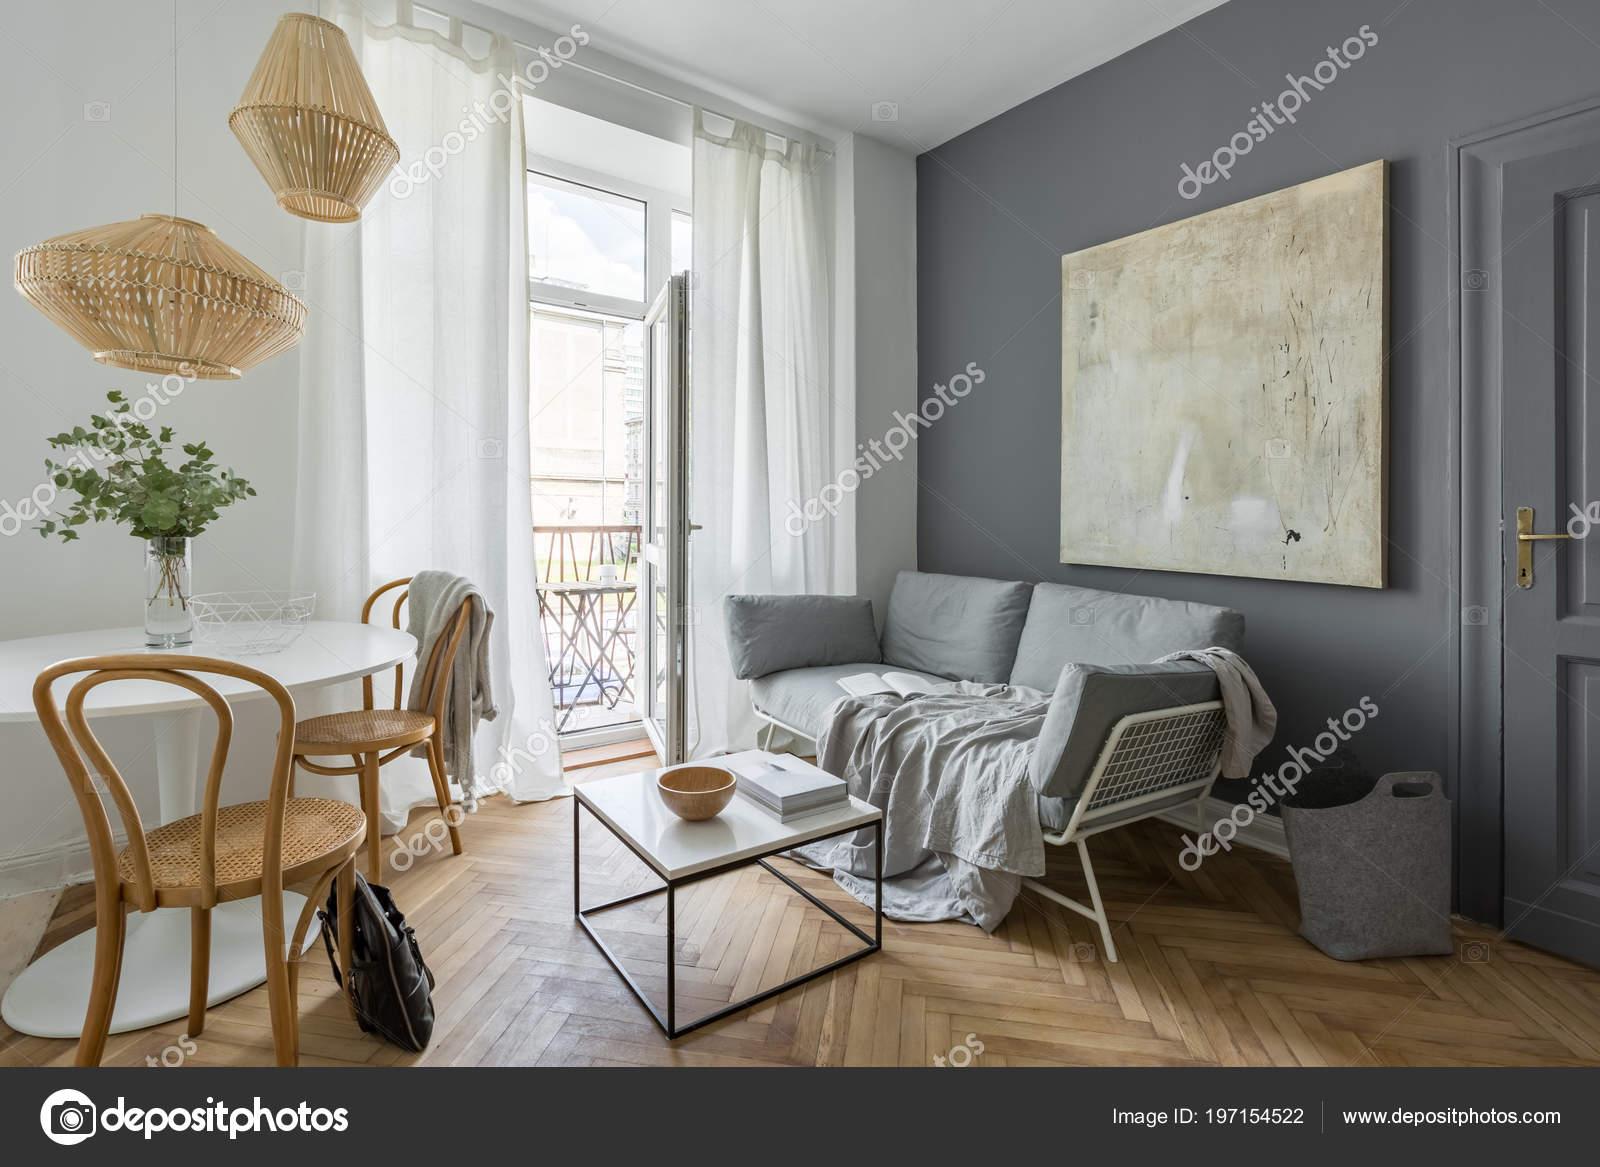 Wunderbar Graue Wohnzimmer Mit Couch Tisch Moderne Malerei Und Balkon U2014 Stockfoto